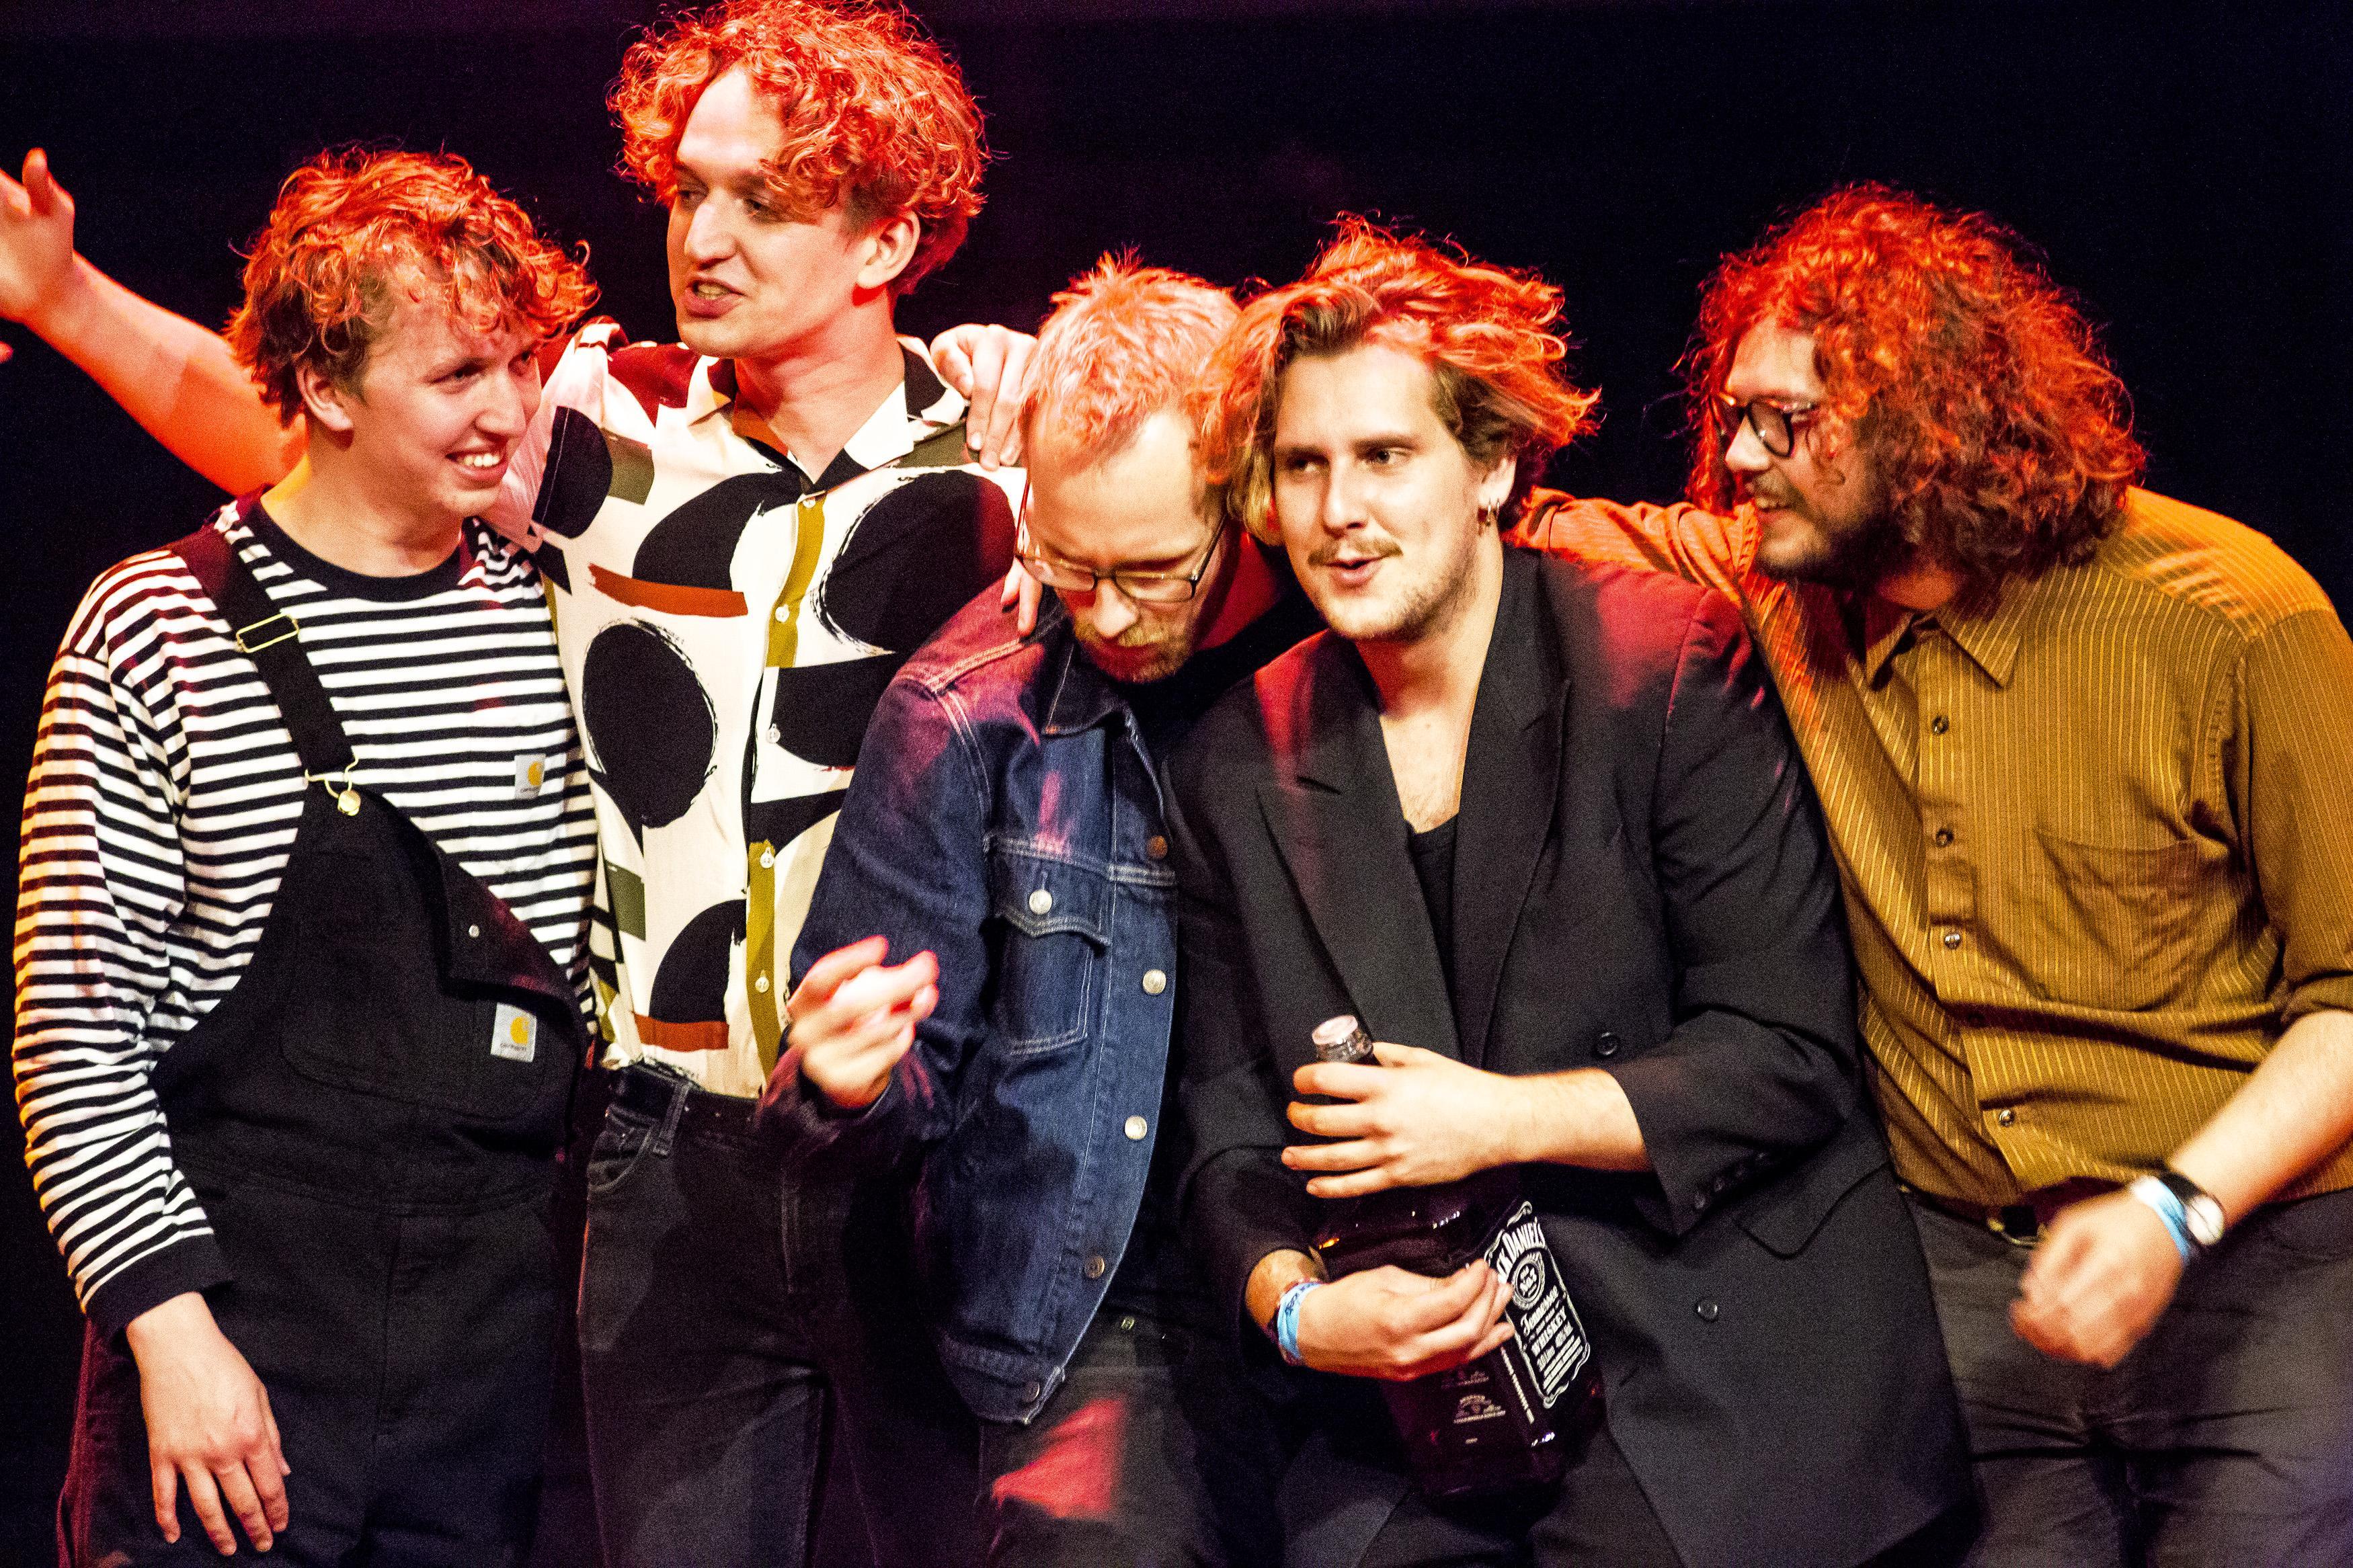 Band Ellij wint 24e Rob Acda Award; songschrijver Ruben Bausch vond het tijd zijn verhaal bij de mensen te brengen [video]